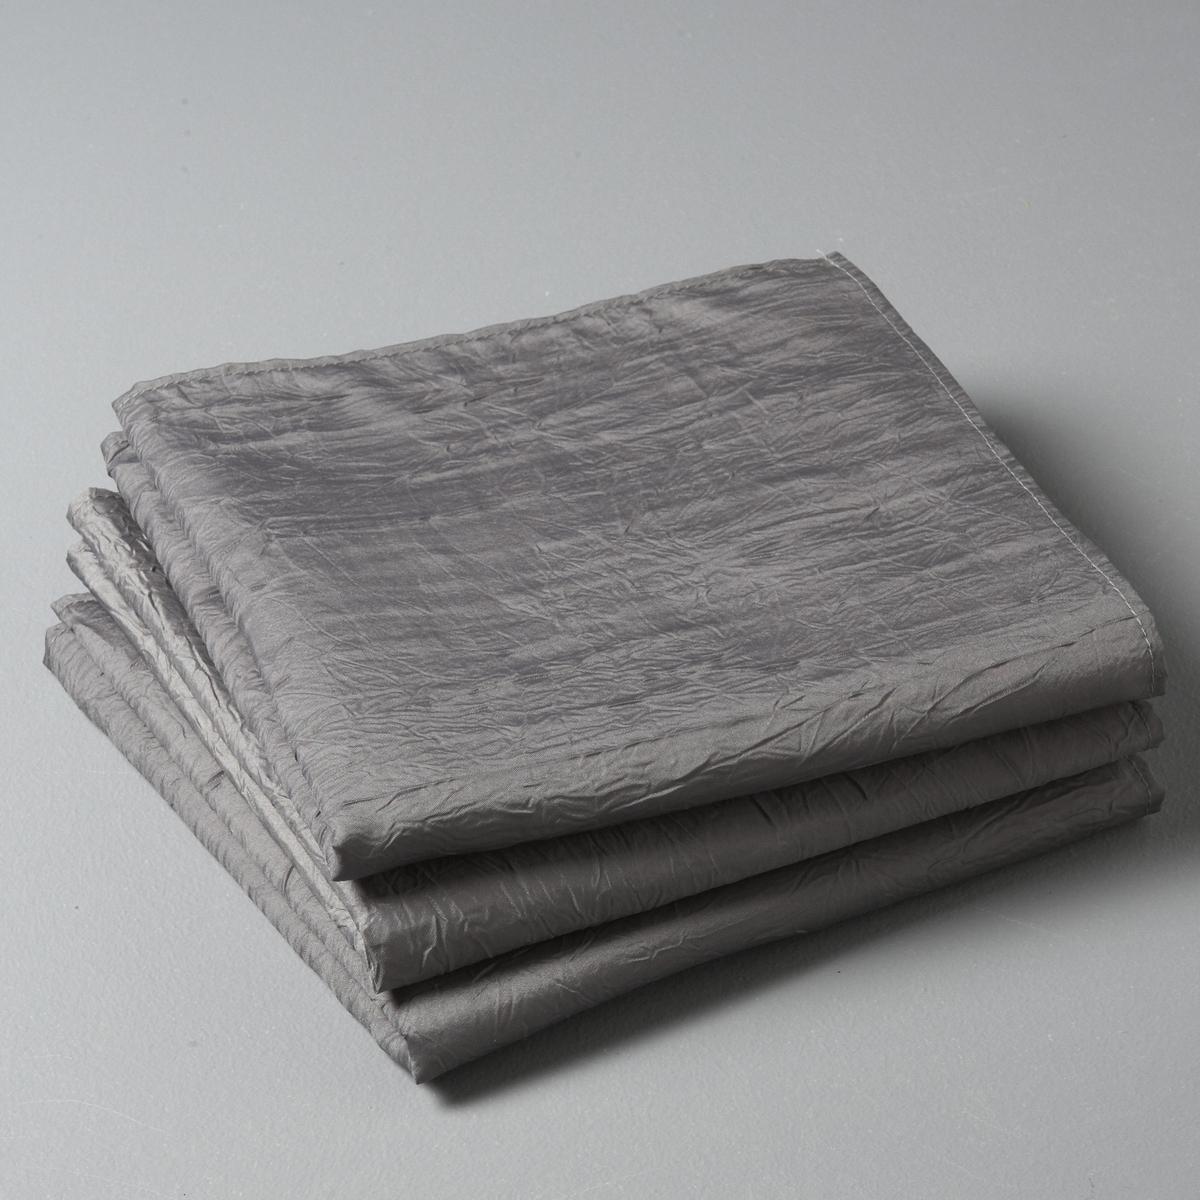 3 салфетки CeryasСалфетки Ceryas из шелковистой ткани с жатым эффектом: Простая в уходе ткань: быстро сохнет, не нужно гладить.Описание салфеток на стол:- Салфетки на стол из шелковистой ткани с жатым эффектом, 100% полиэстера.- Стирка при 40°, быстро сохнет, не нужно гладить.- Размеры: 45 x 45 см.<br><br>Цвет: антрацит,белый,красный,серо-коричневый каштан,серый,экрю<br>Размер: 45 x 45  см